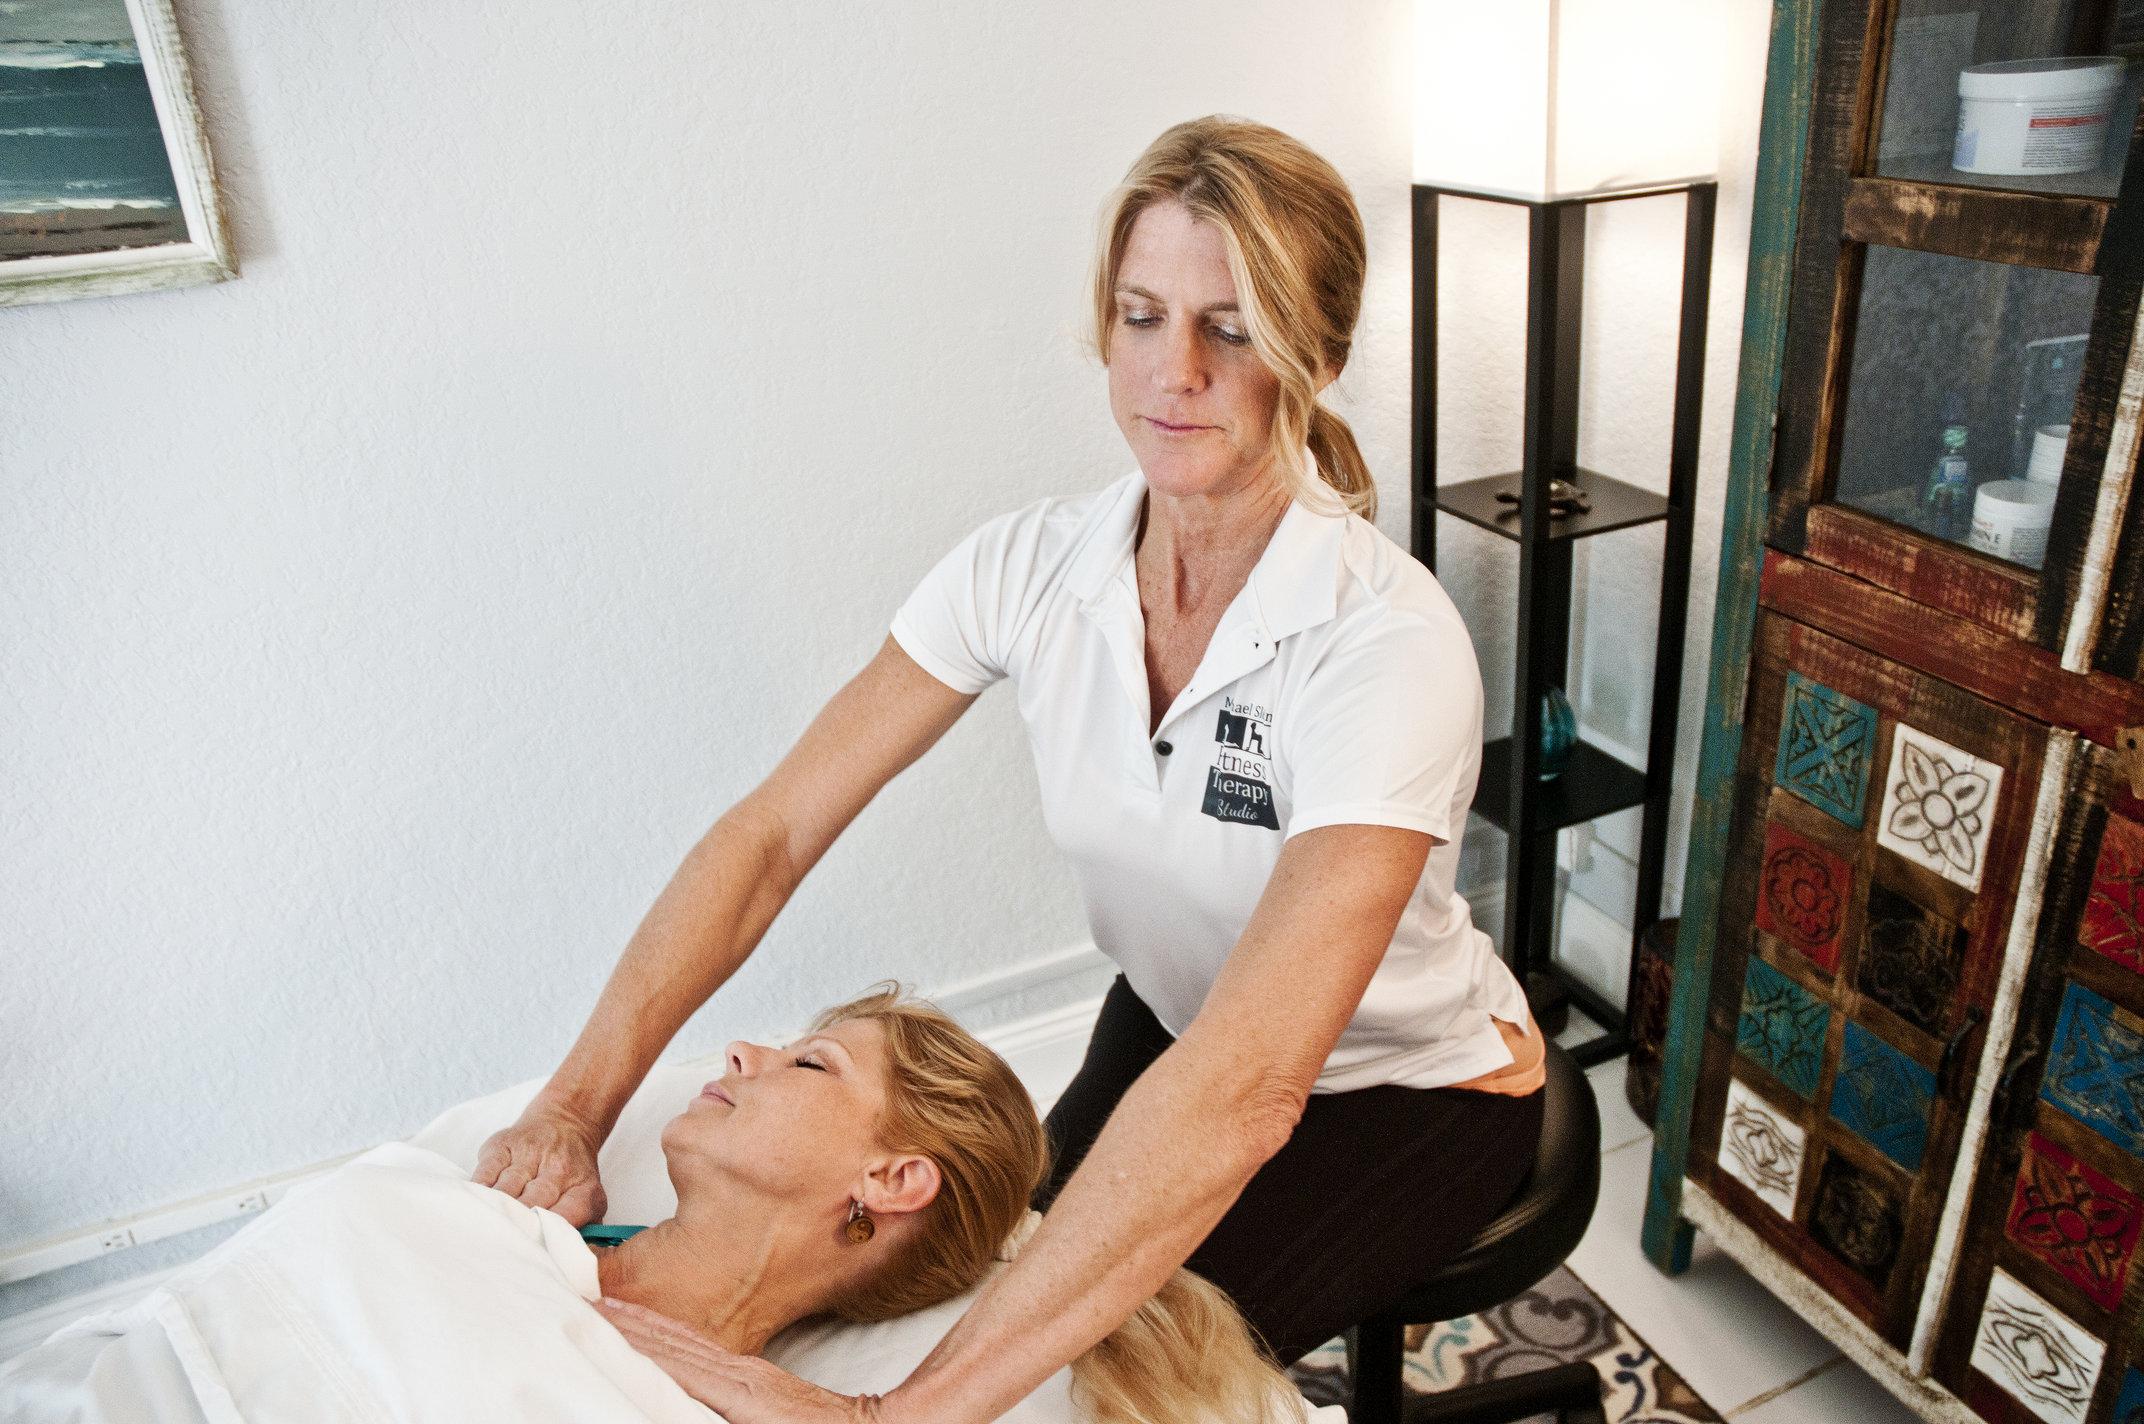 Massage-Therapy-Pam-Vanhorn-Cocoa-Beach.jpg